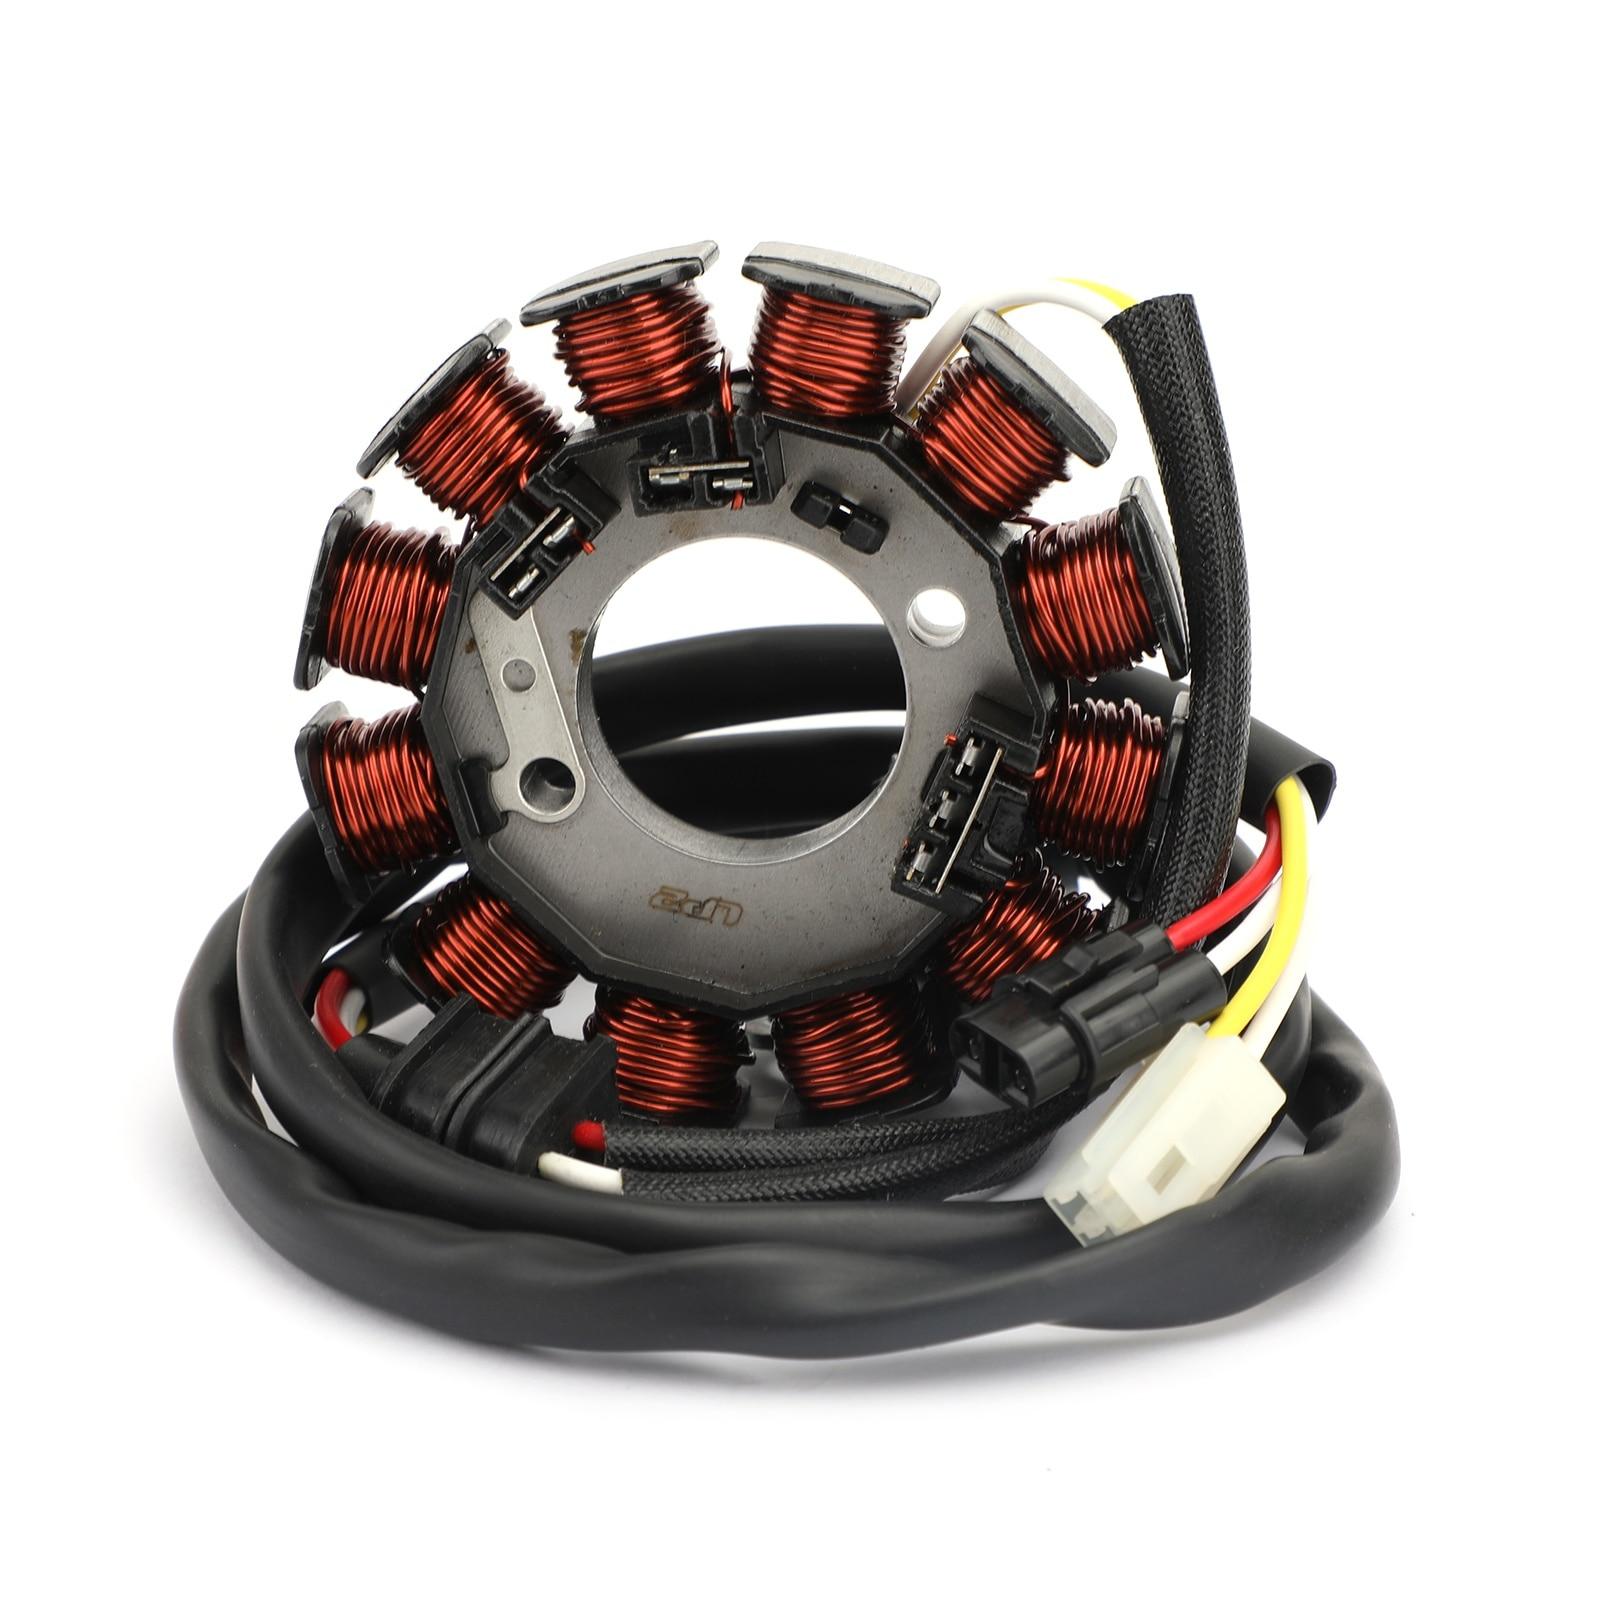 Lichtmaschine Stator 5GJ-81410-01 Für Yamaha XP500 TMAX 500 2001-2003 BS7